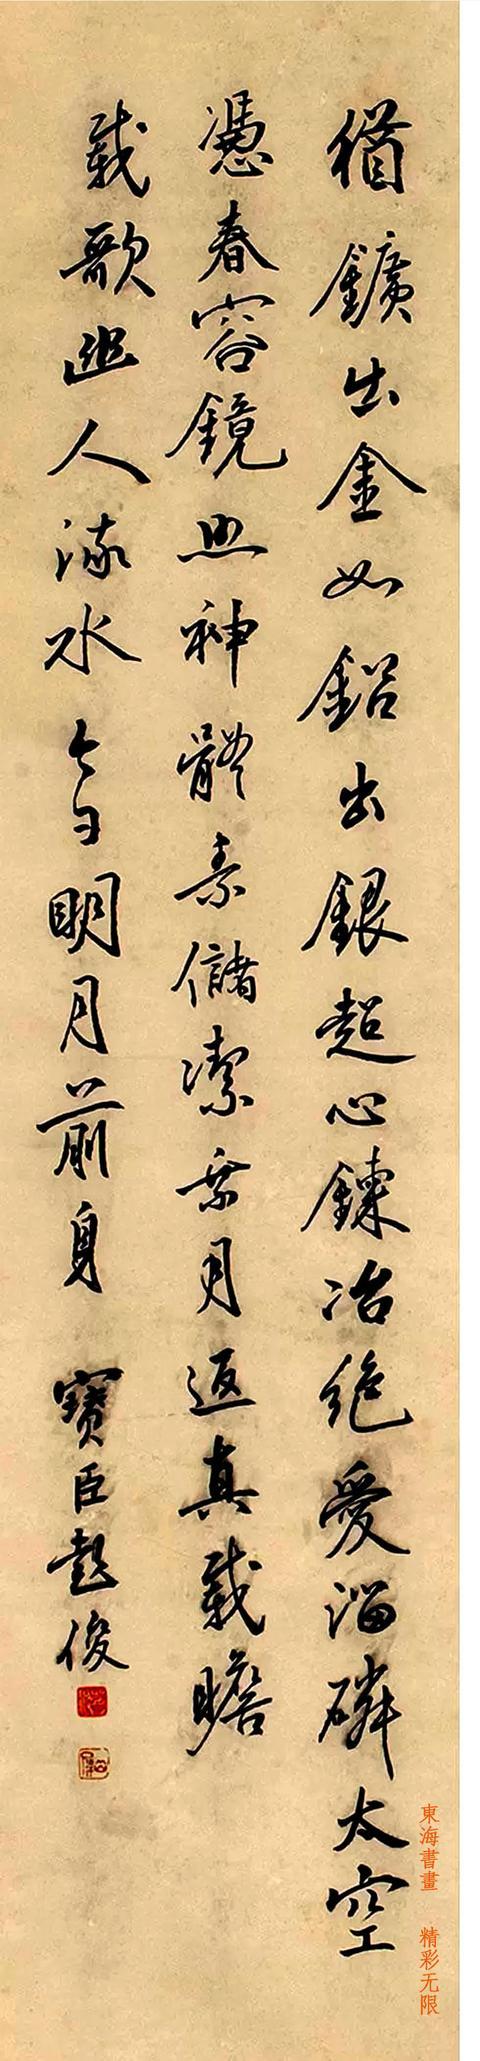 清狀元彭浚行書節錄《詩品二十四則》